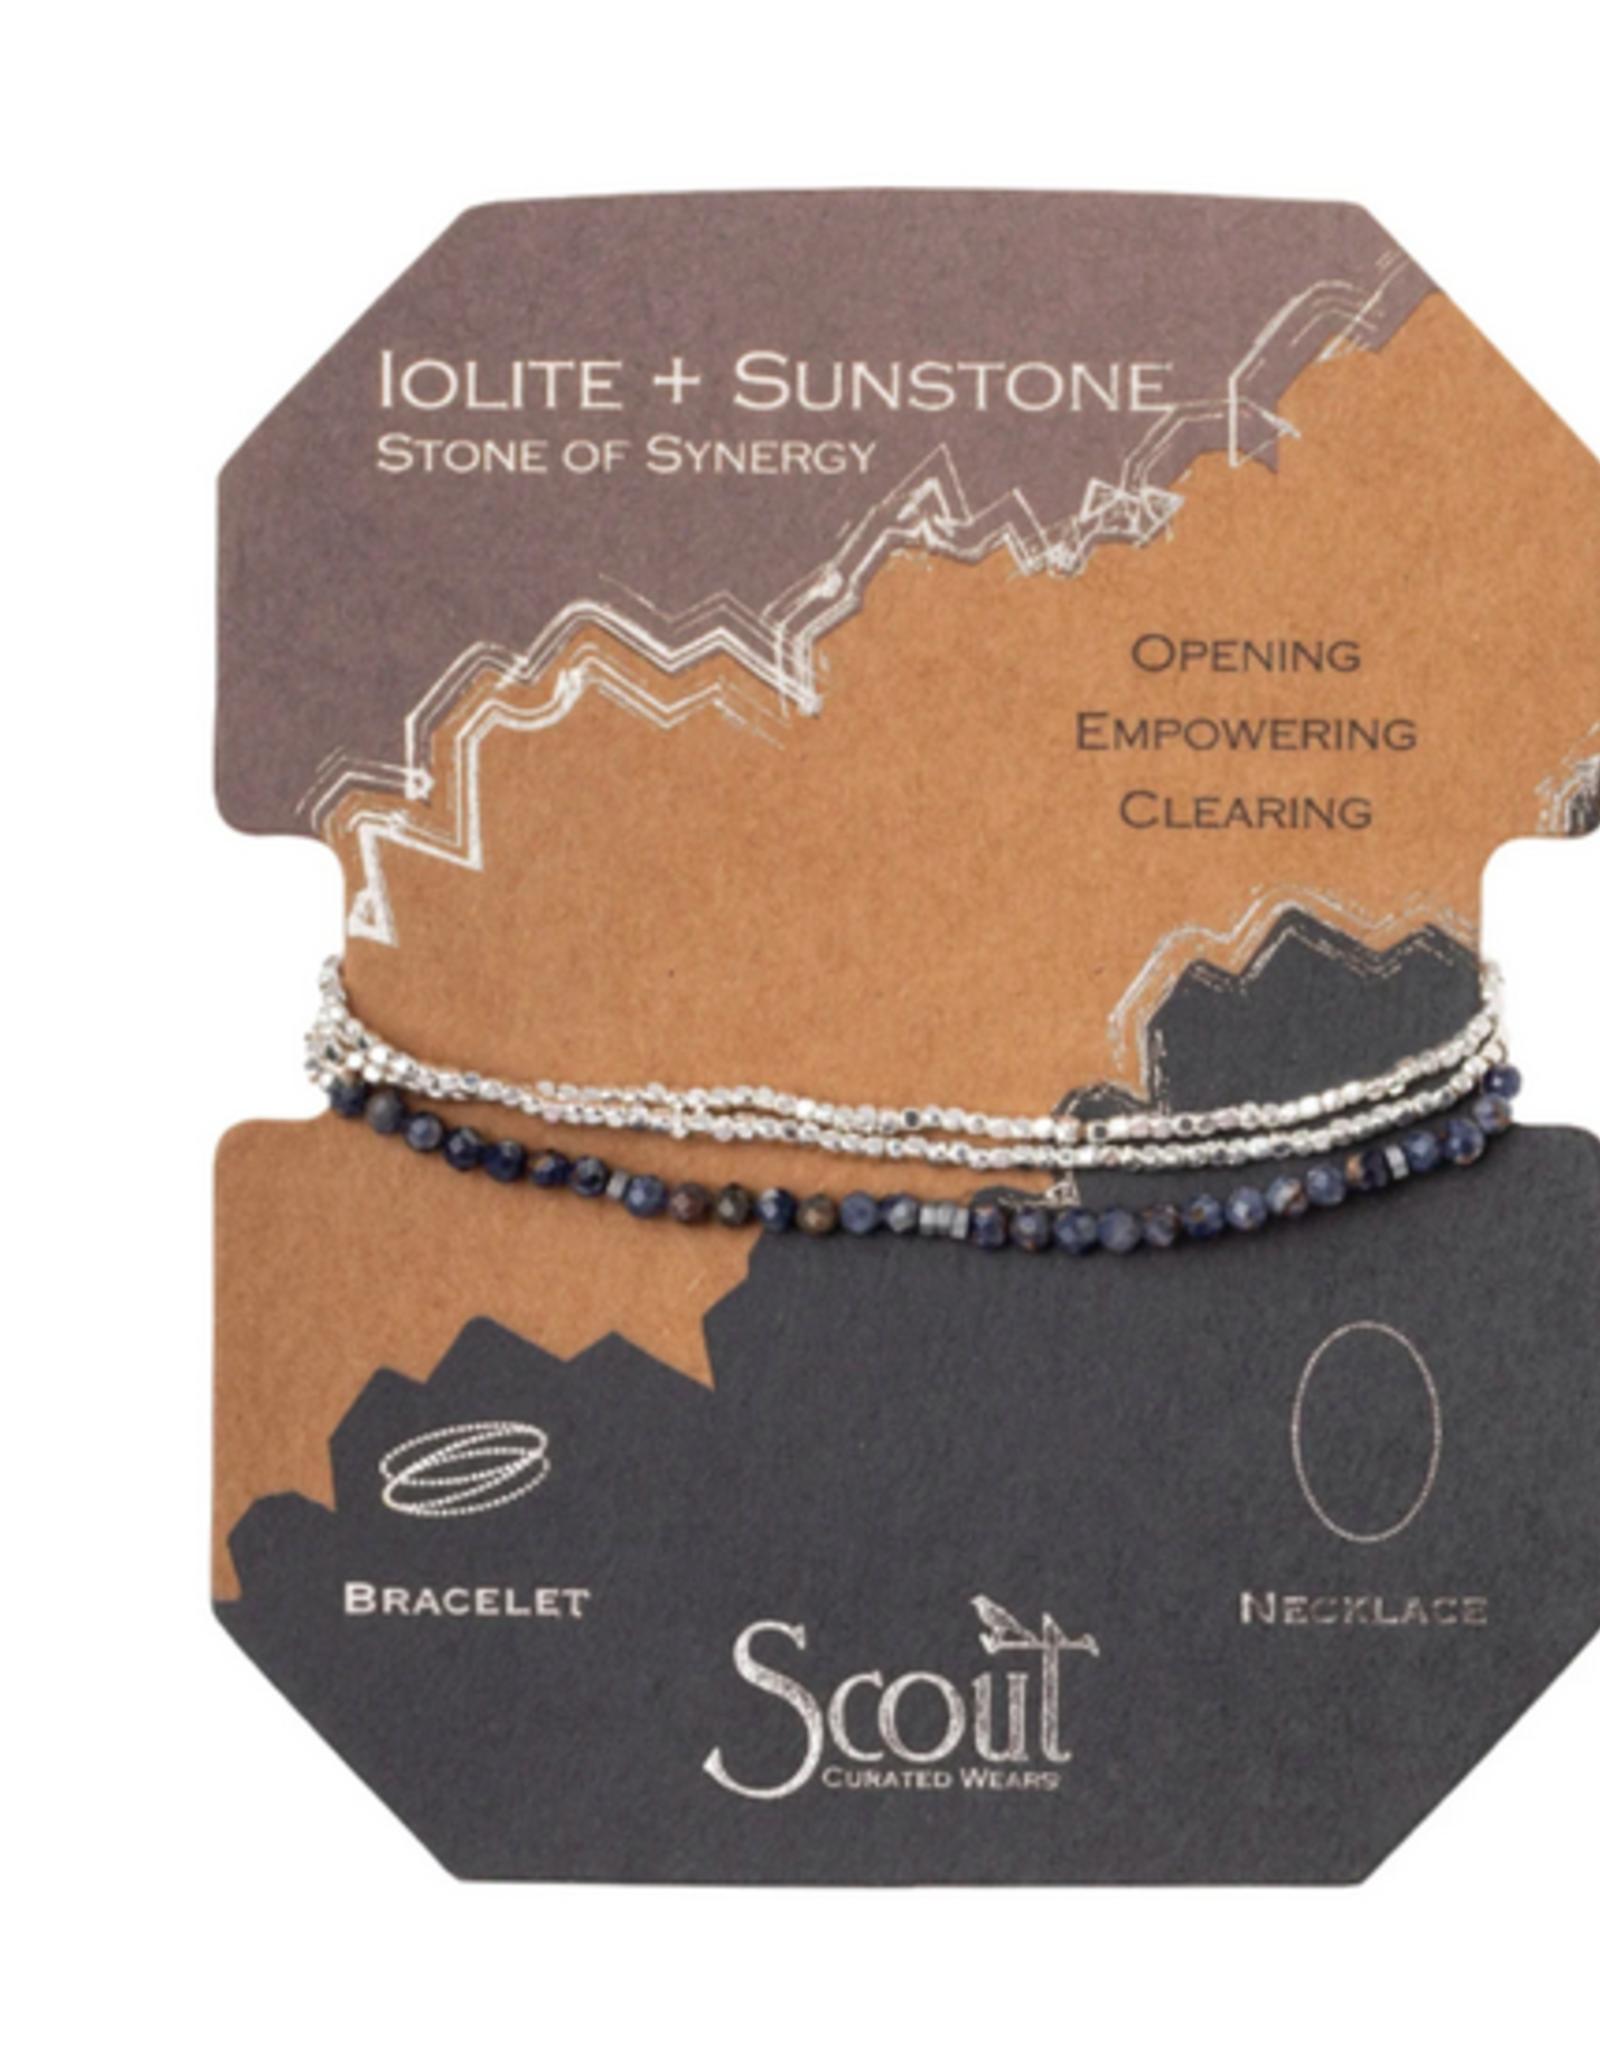 Scout Delicate Wrap Iolite & Sunstone